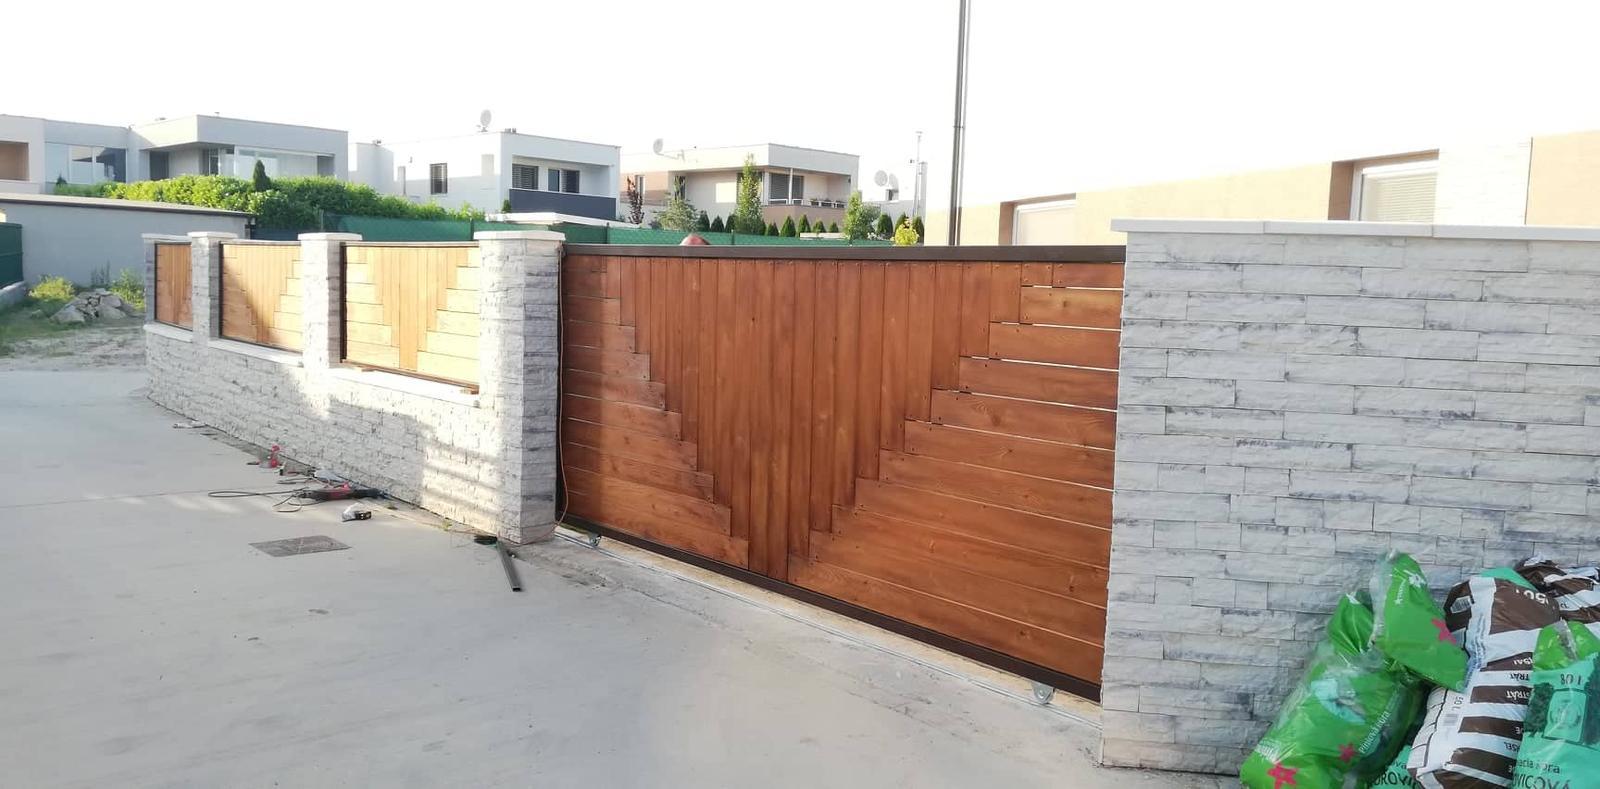 Posuvná brána + plotové výplne. Materiál smrek tzv parketový vzor - Obrázok č. 12